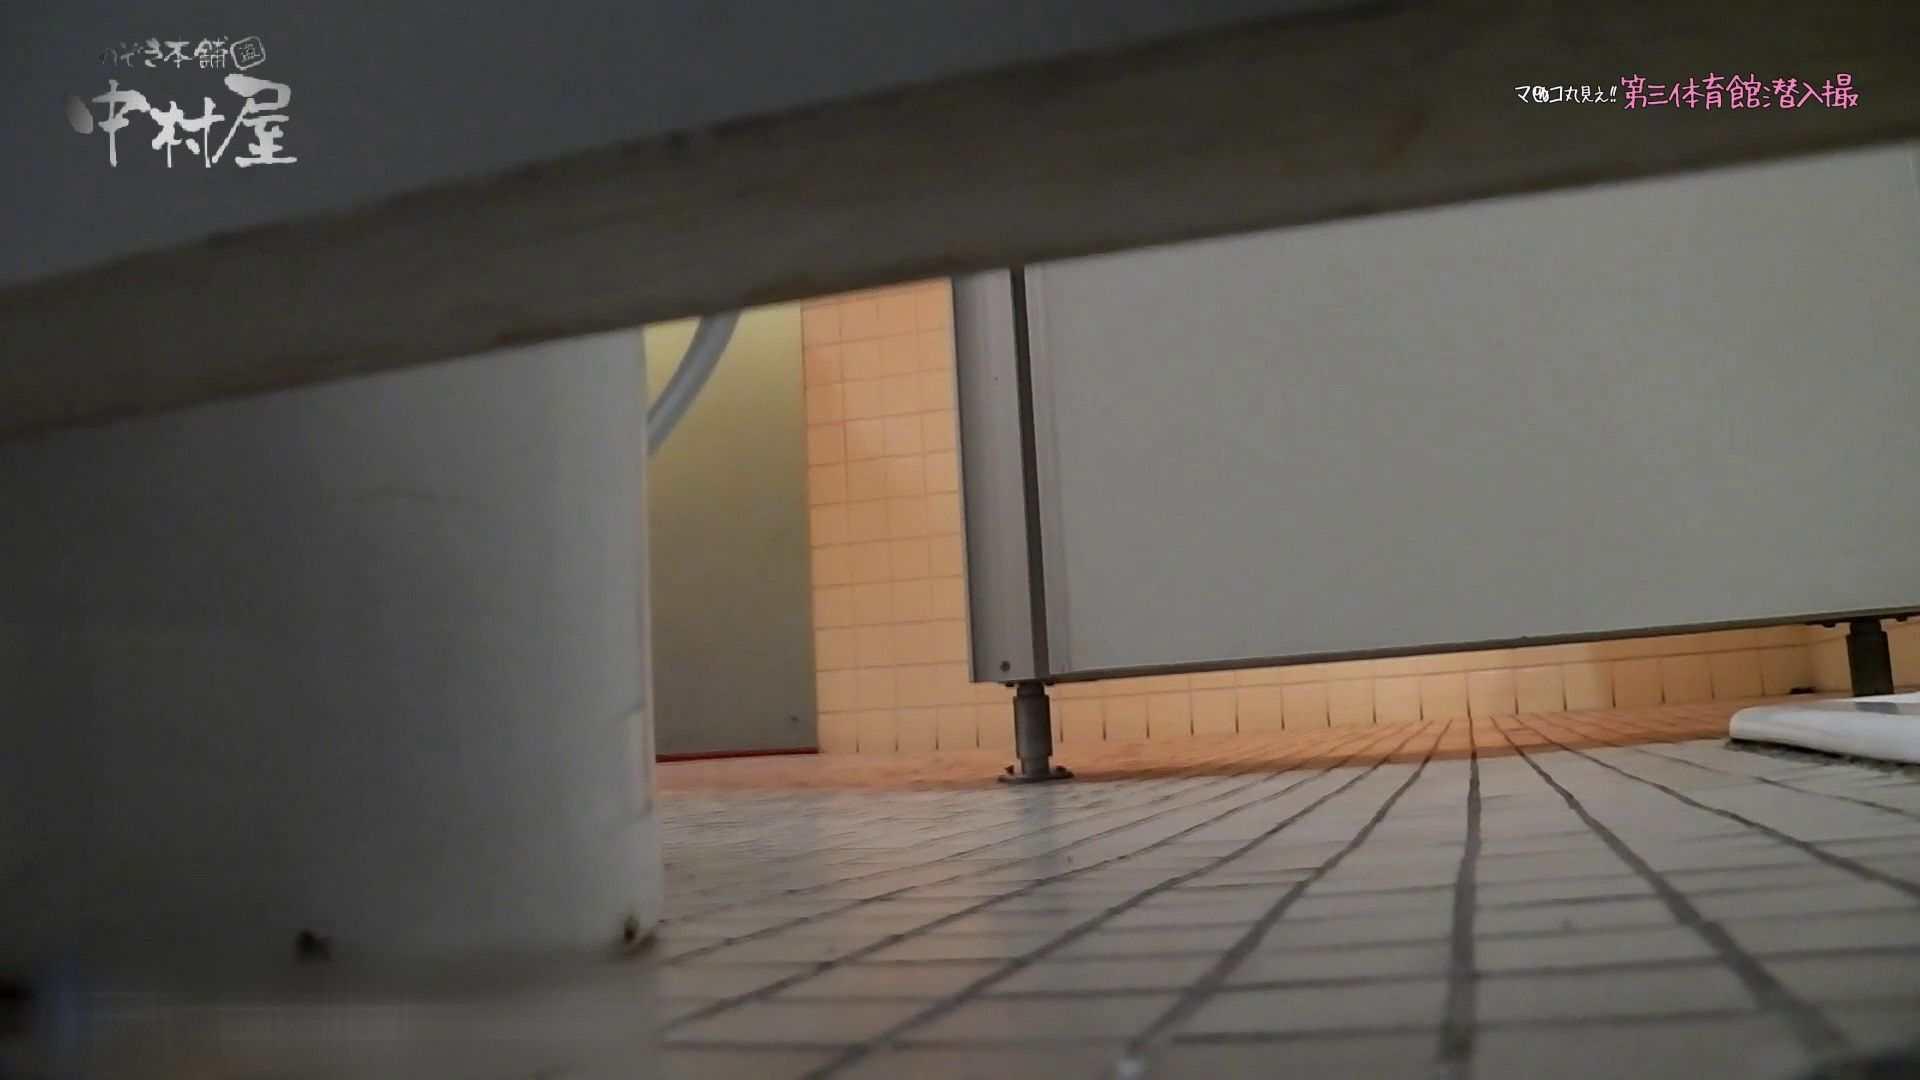 第三体育館File044長身のバレー部員が目の前の個室に入ってくれました。前編 潜入女子トイレ SEX無修正画像 89PIX 34